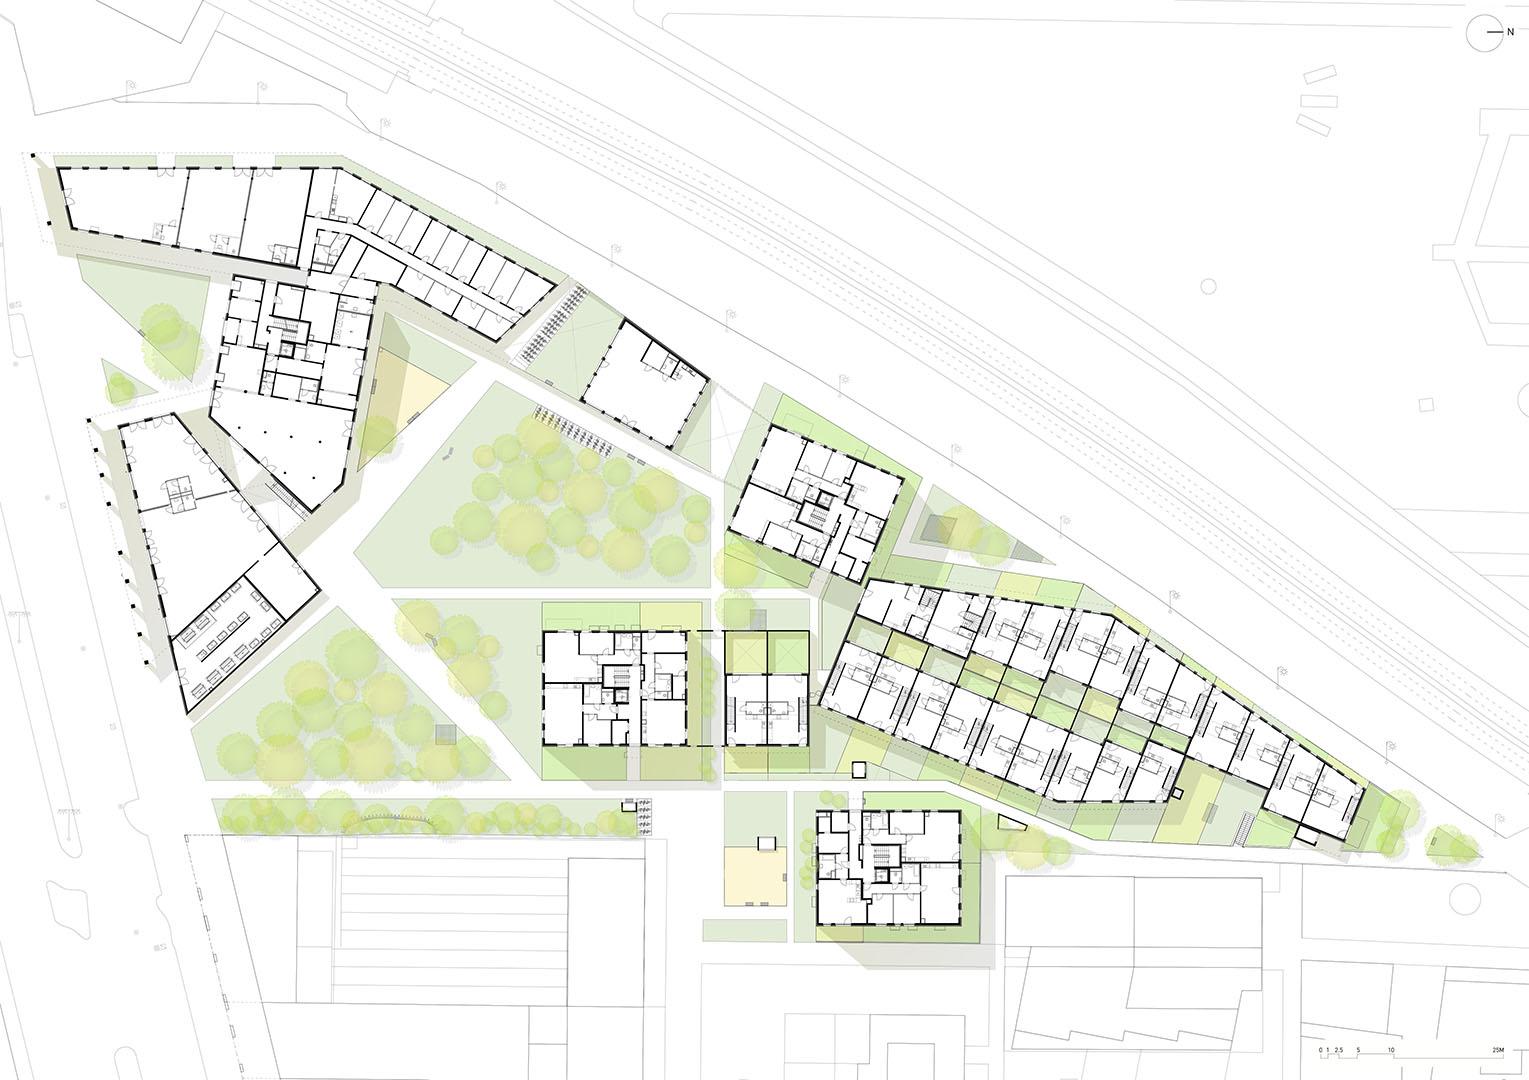 3_Perfektastrasse_Vienna_ground floor plan